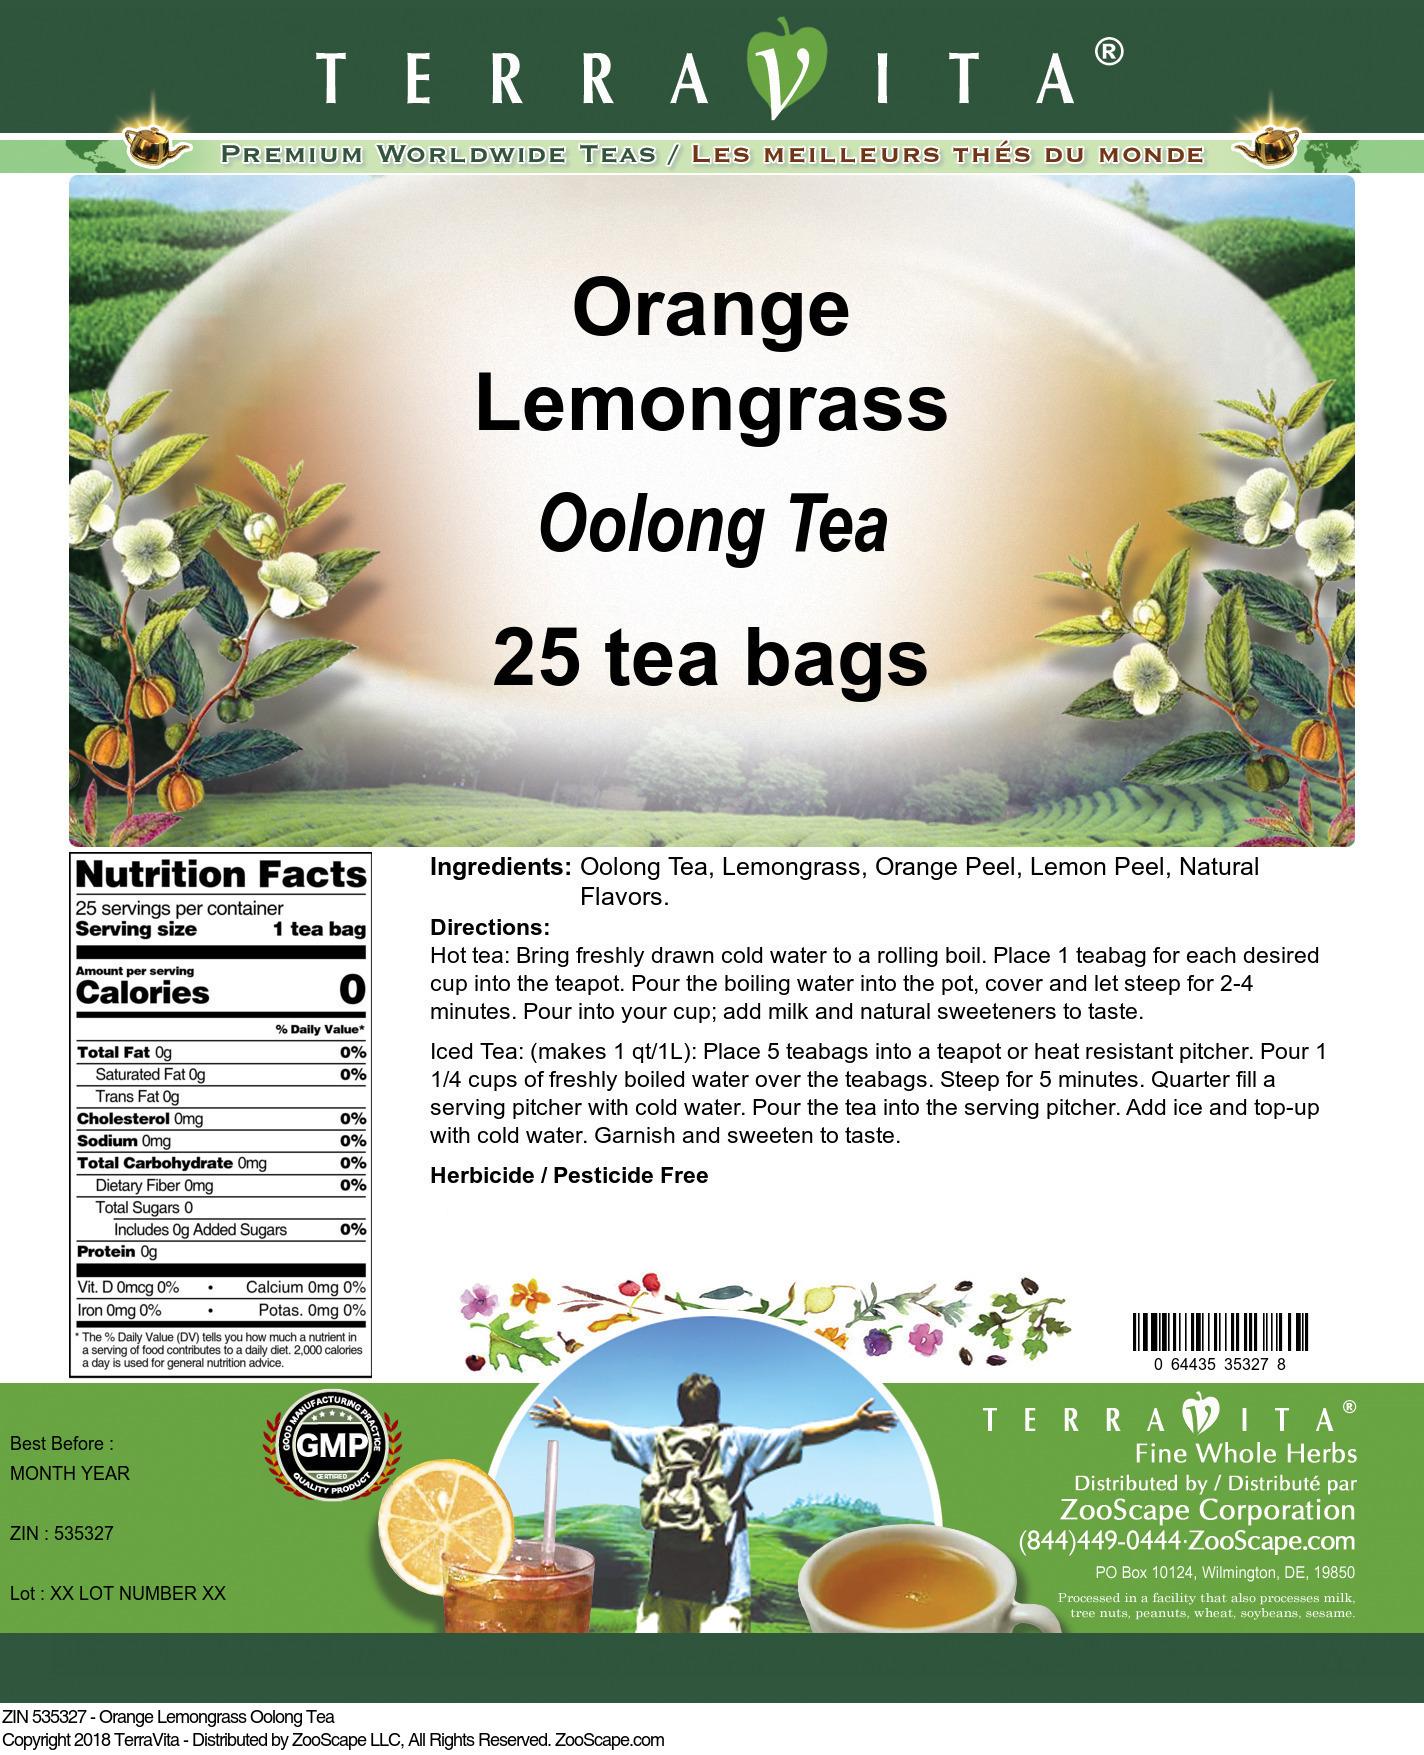 Orange Lemongrass Oolong Tea